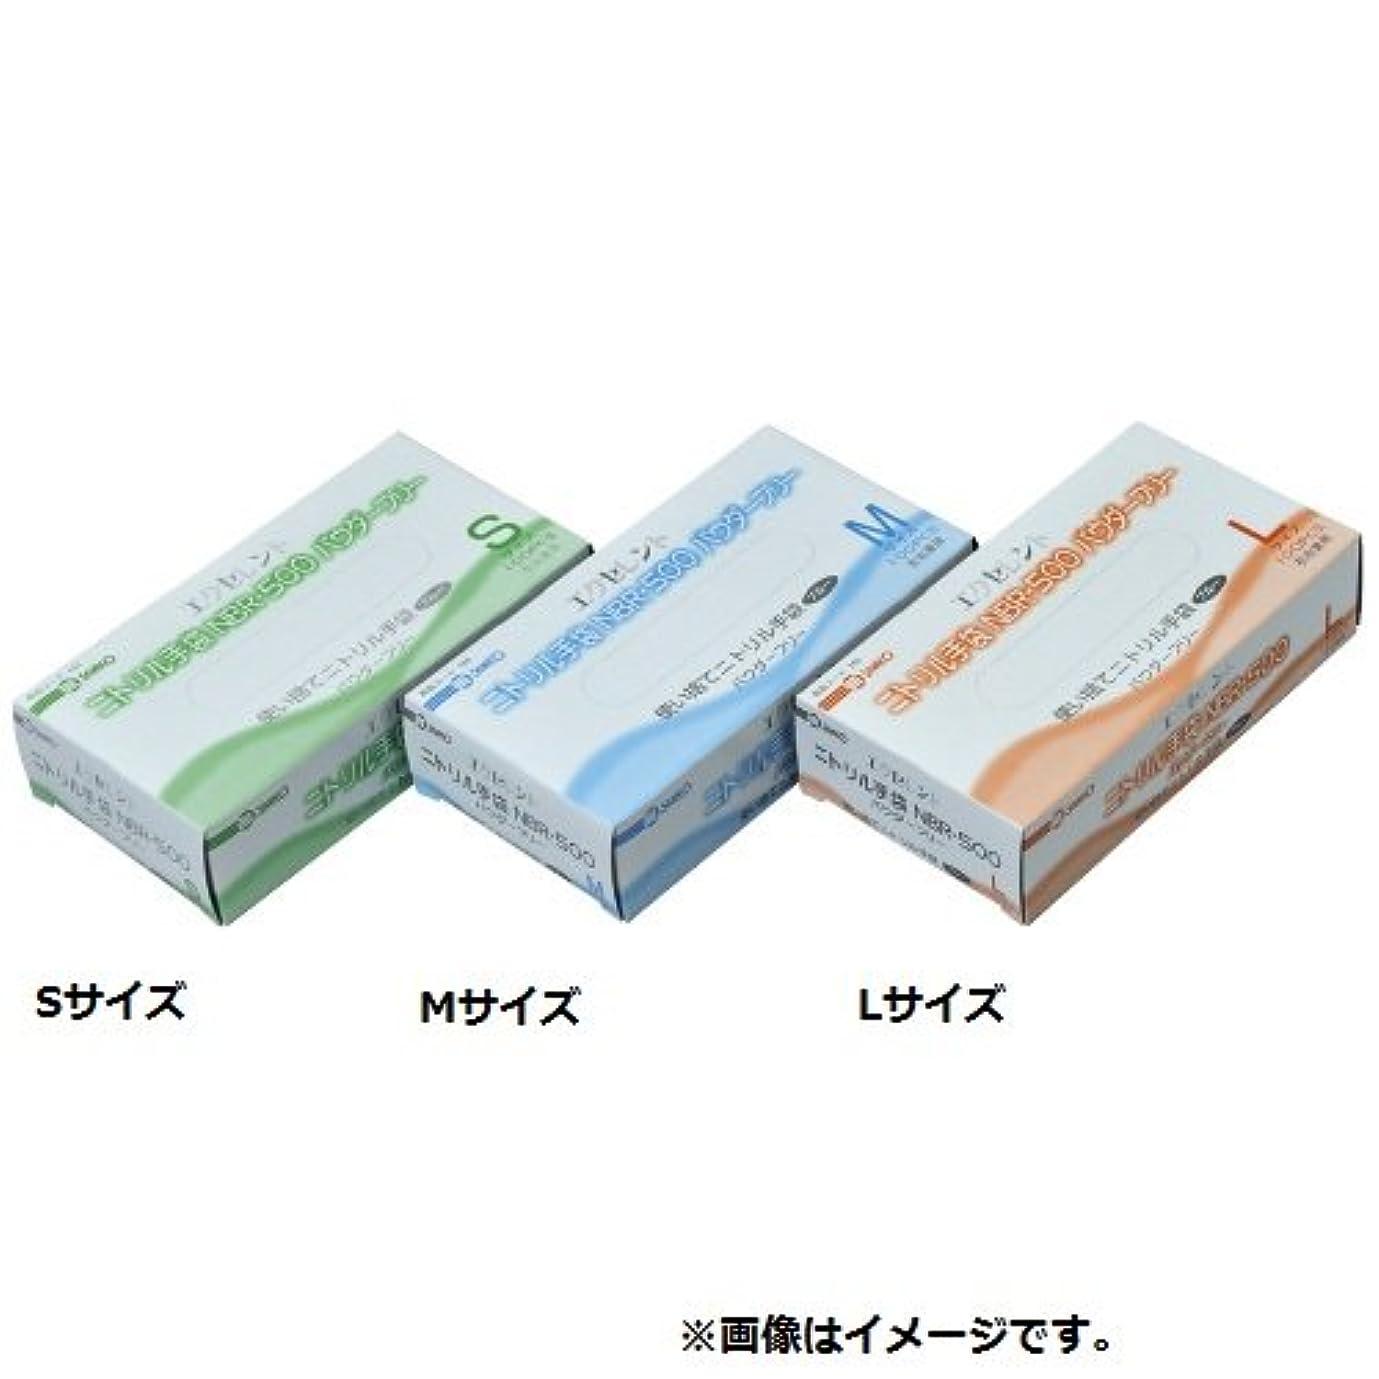 並外れて会社スライムエクセレントニトリル手袋NBR-500パウダーフリー M カラー:ブルー 入数:1箱(100枚)